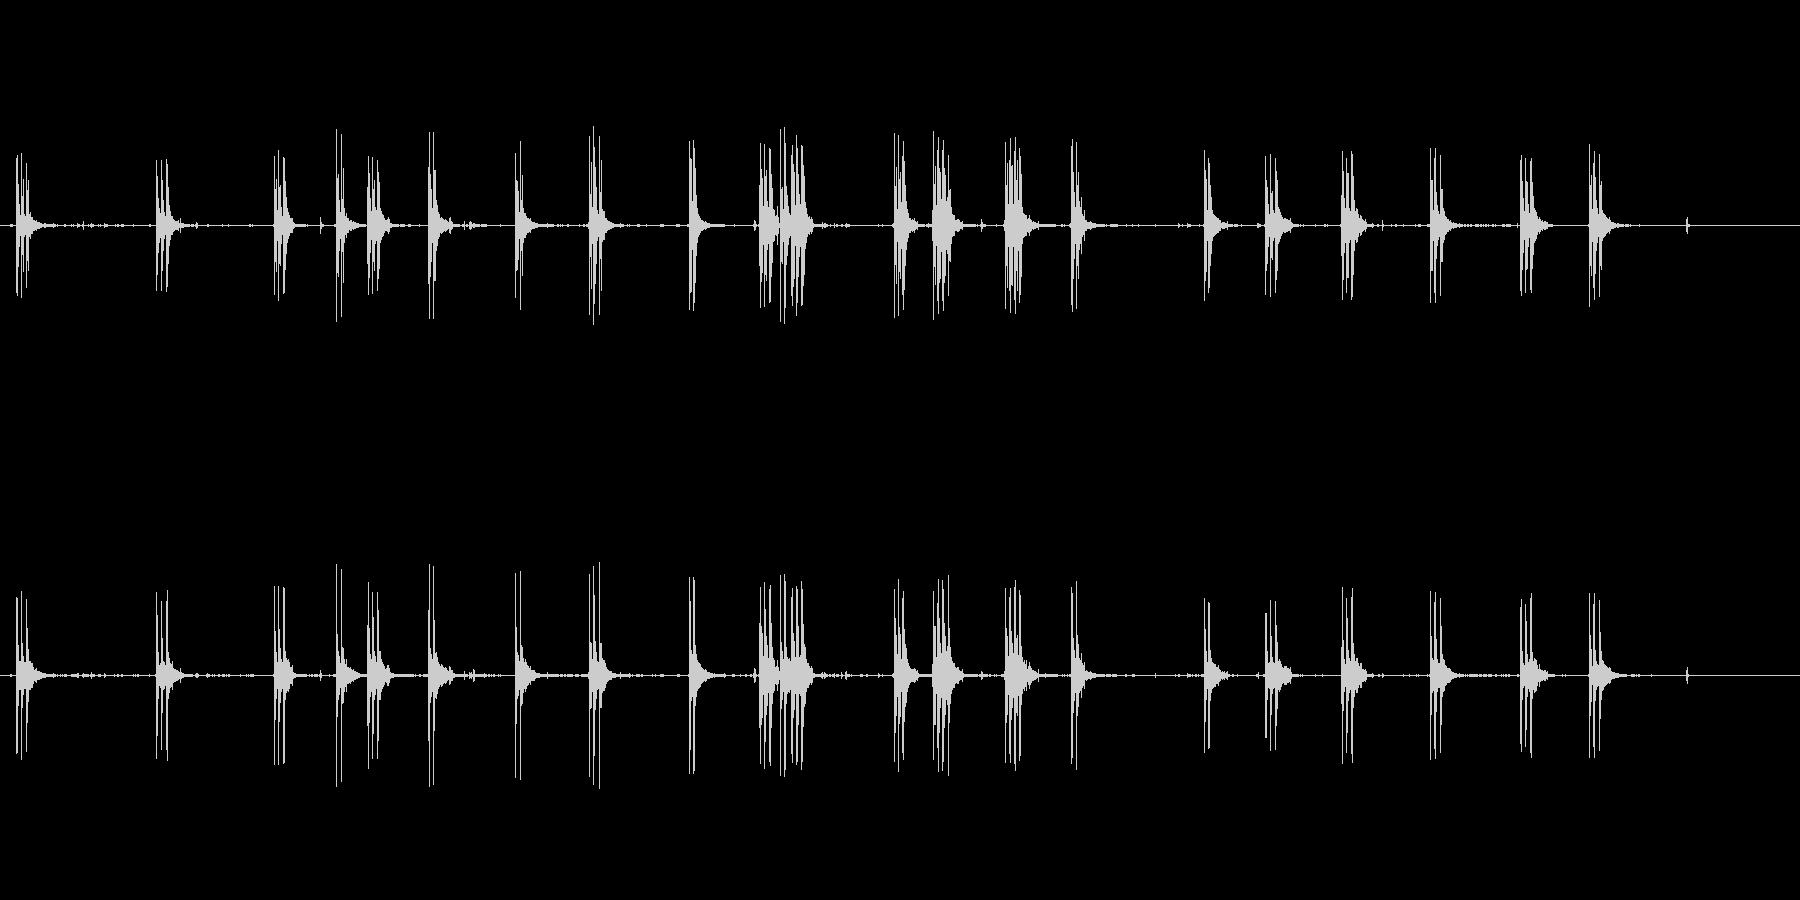 ミトライユバースト1の未再生の波形